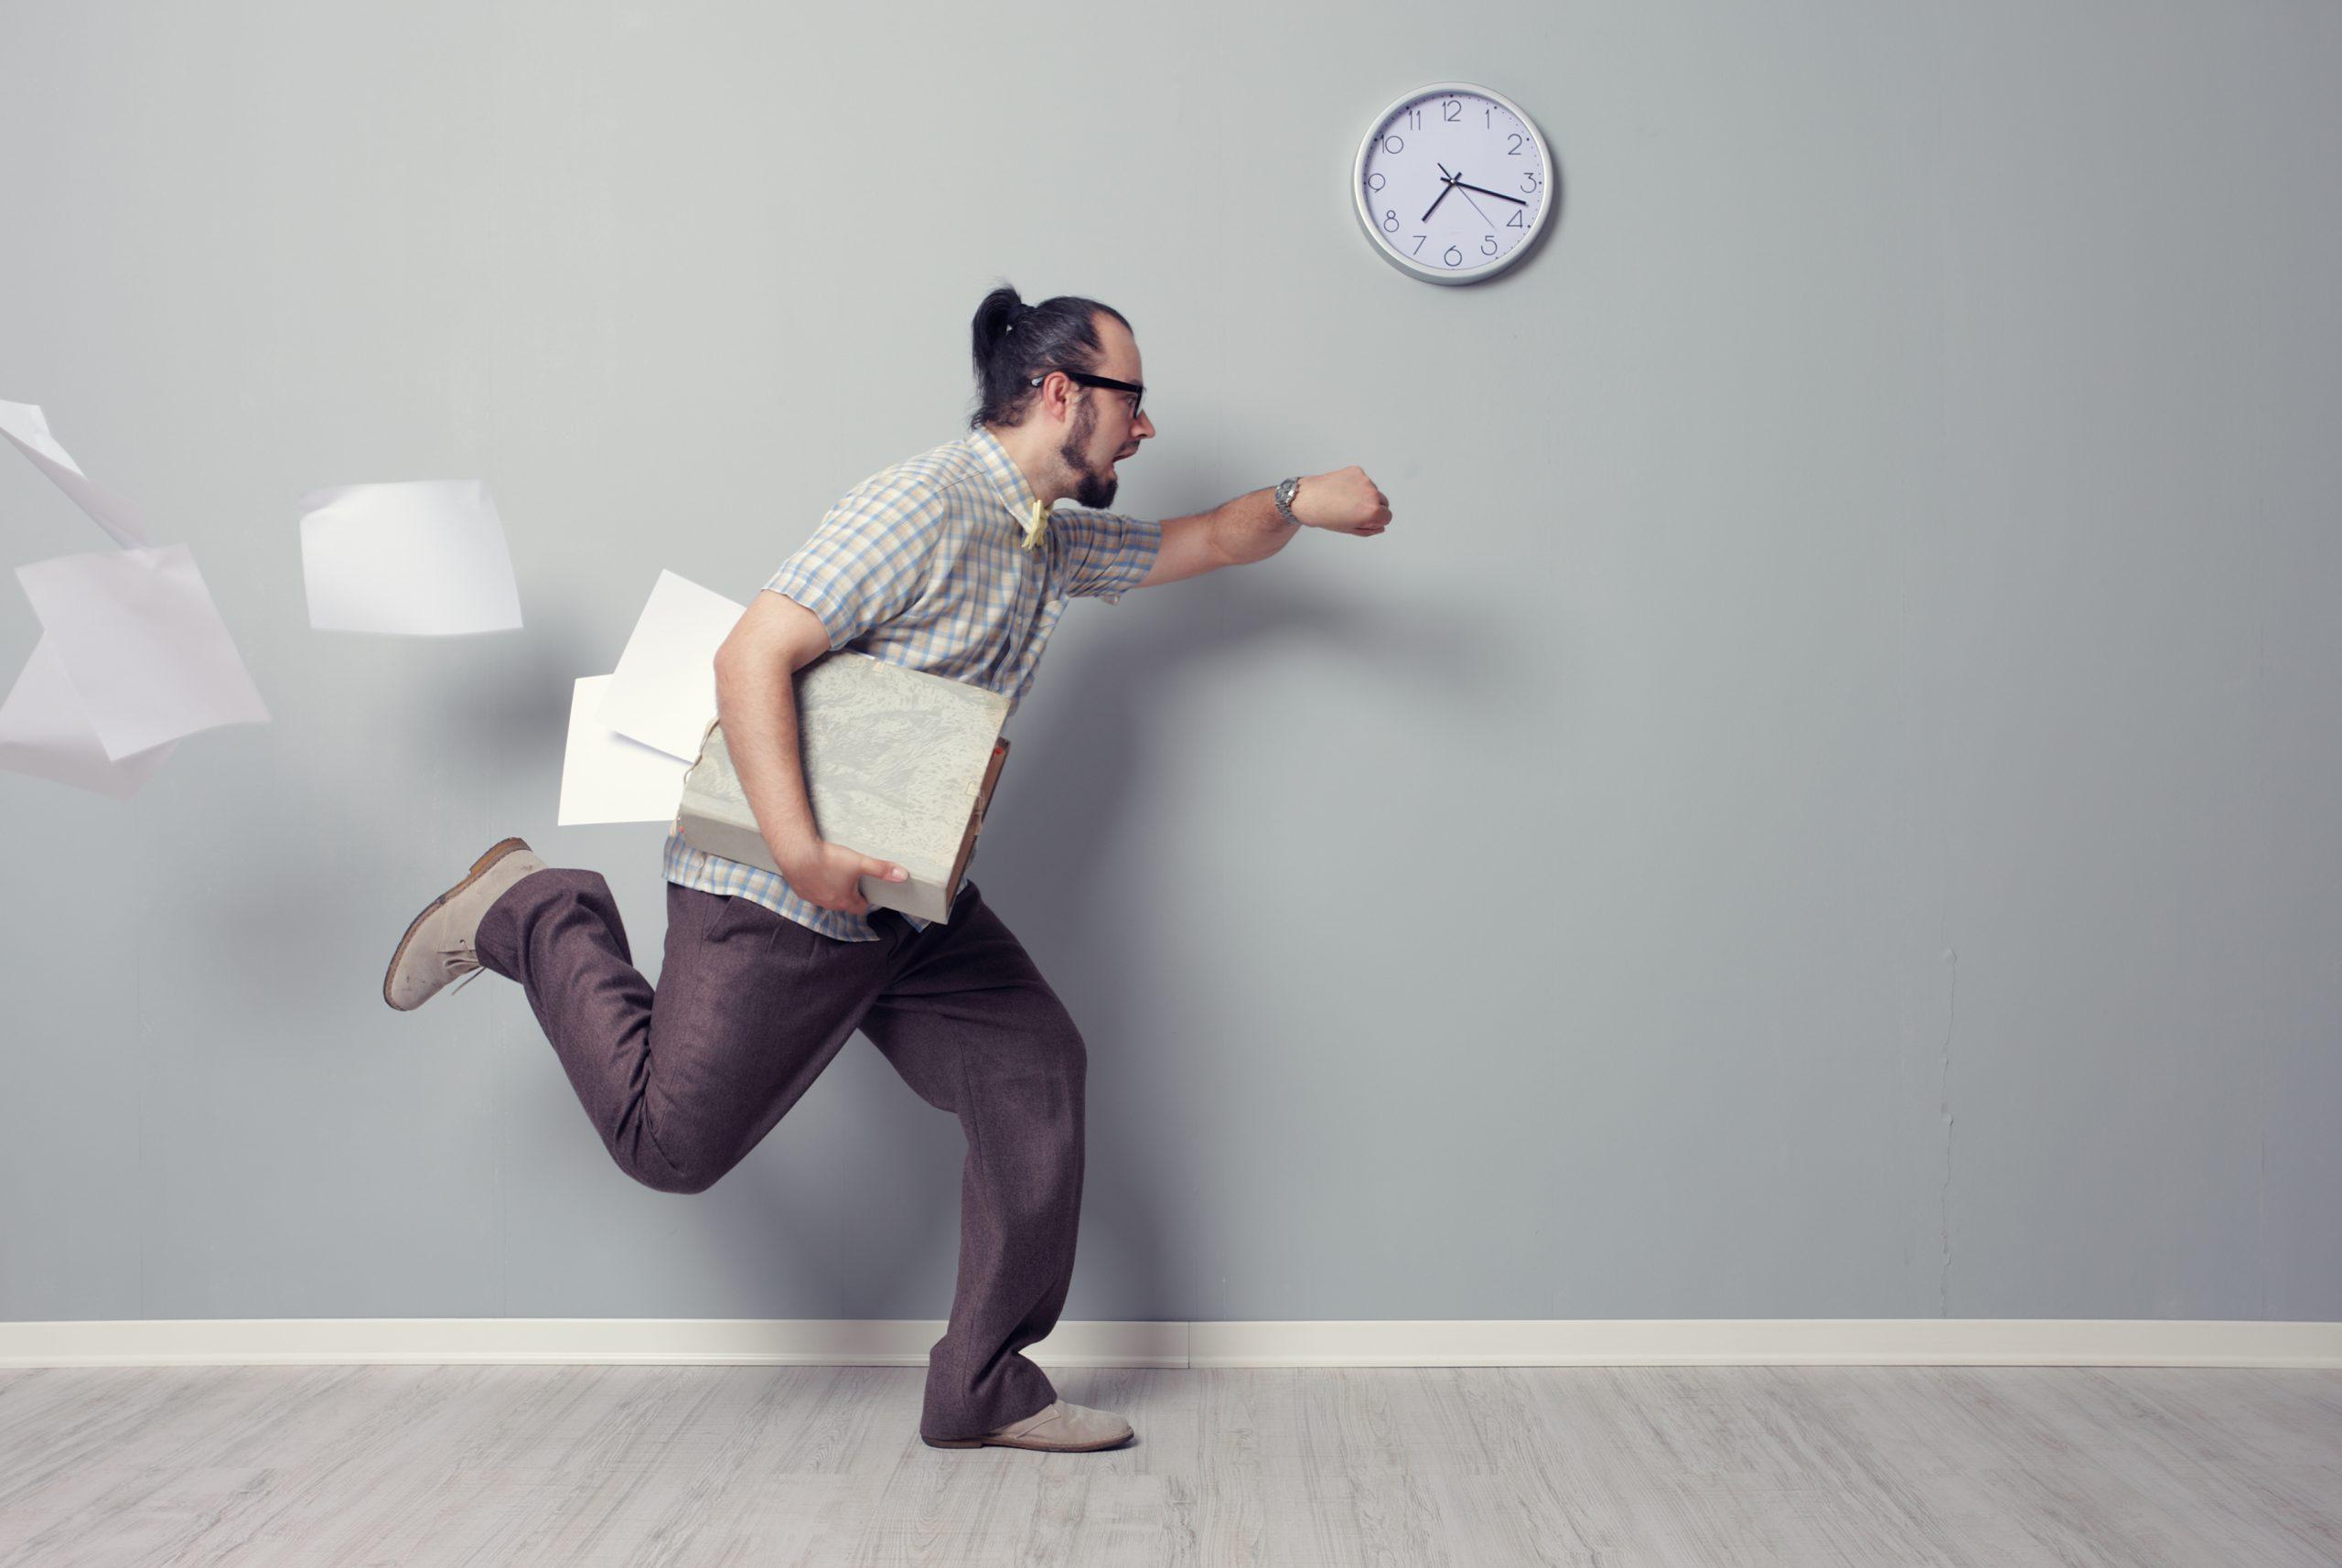 Картинки о пунктуальности